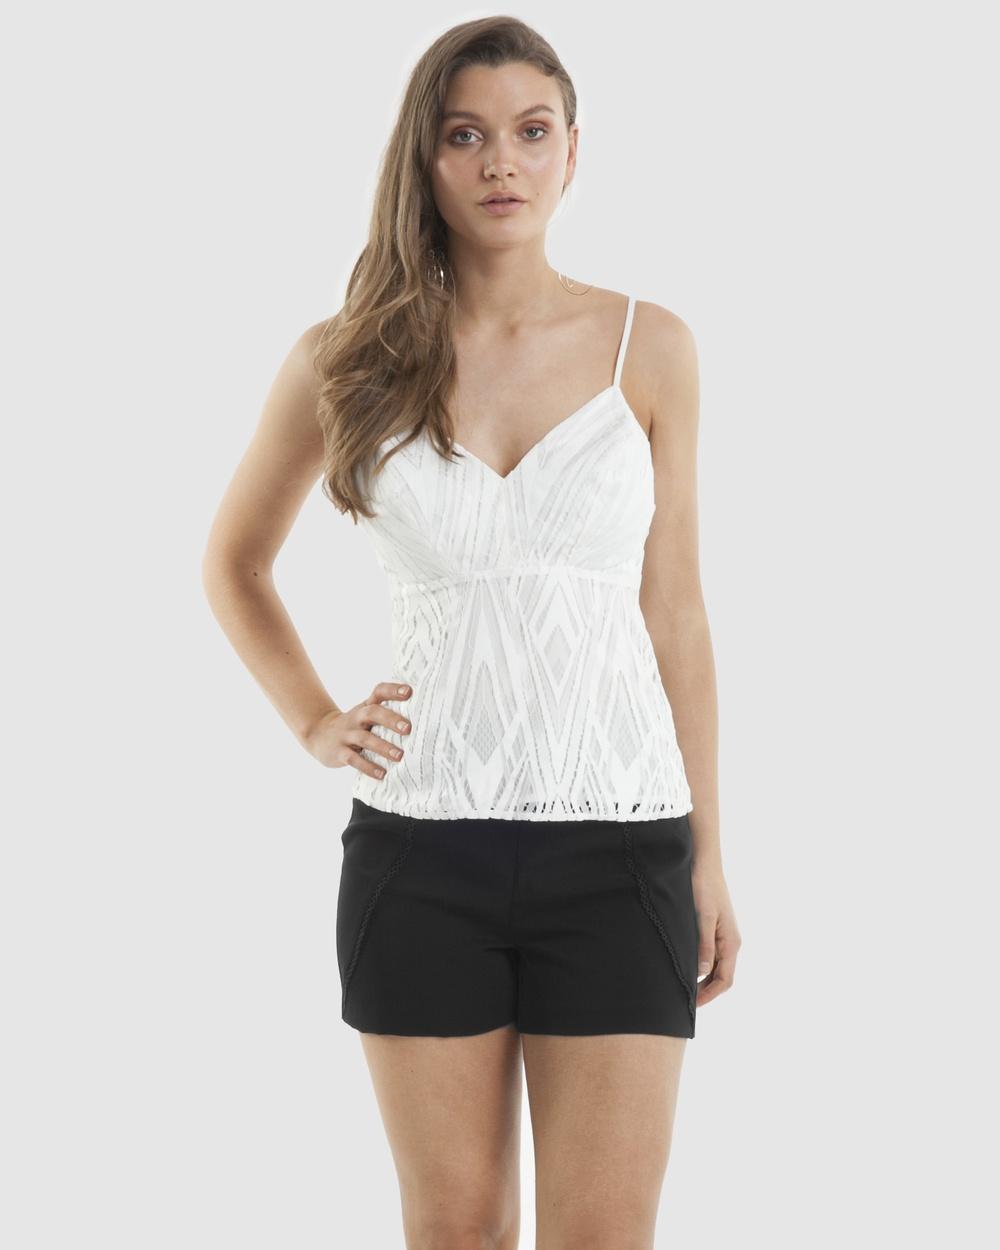 Amelius Eden Lace Top Tops White Eden Lace Top